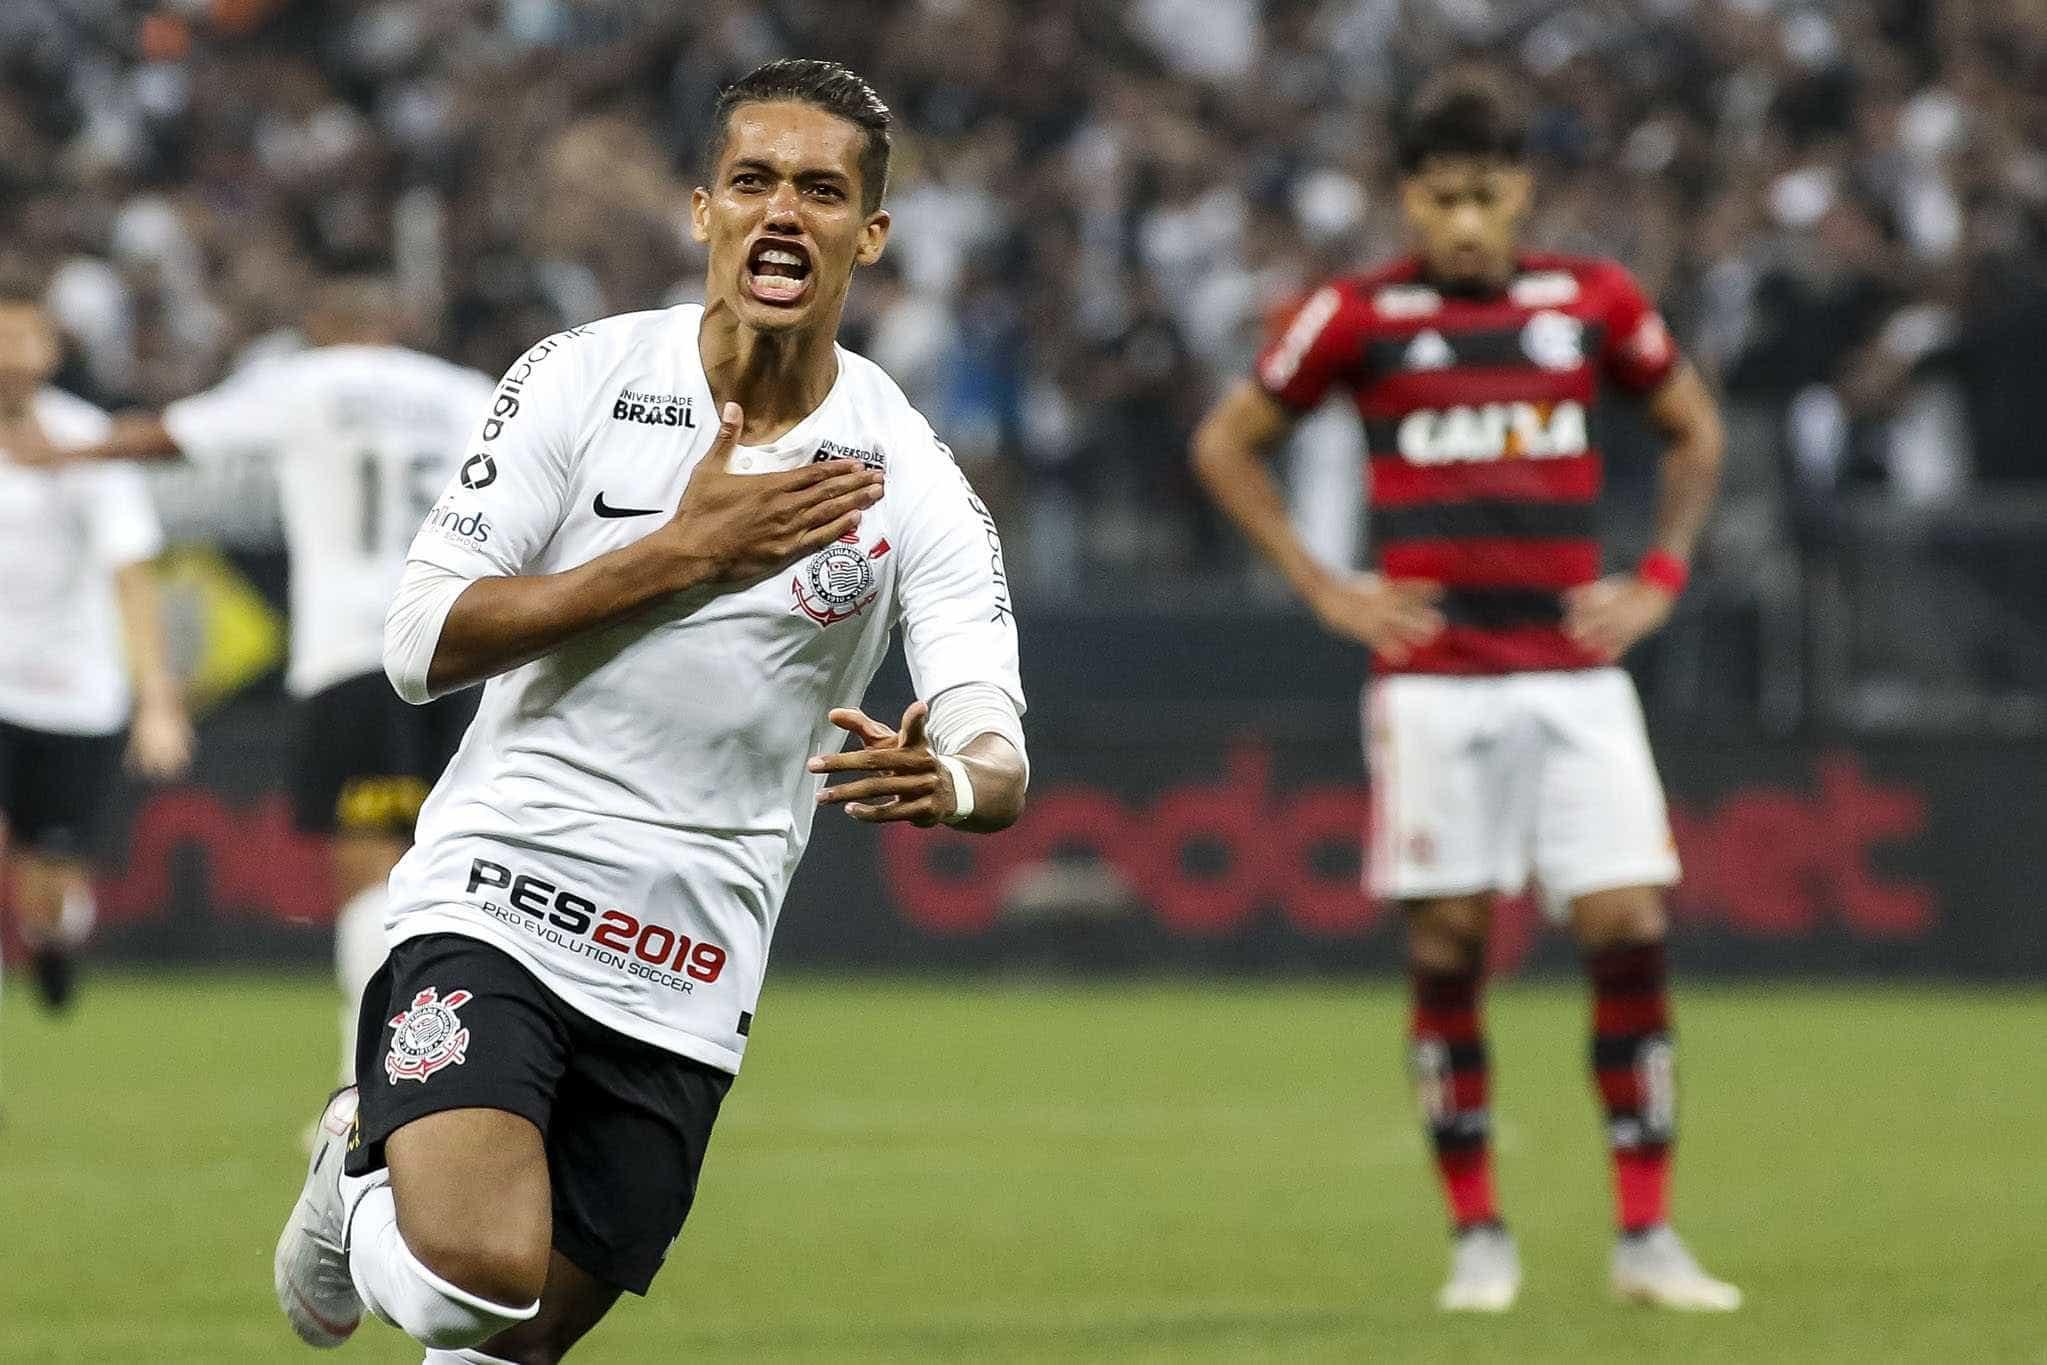 Xodó, Pedrinho dá chance ao Corinthians de salvar a temporada